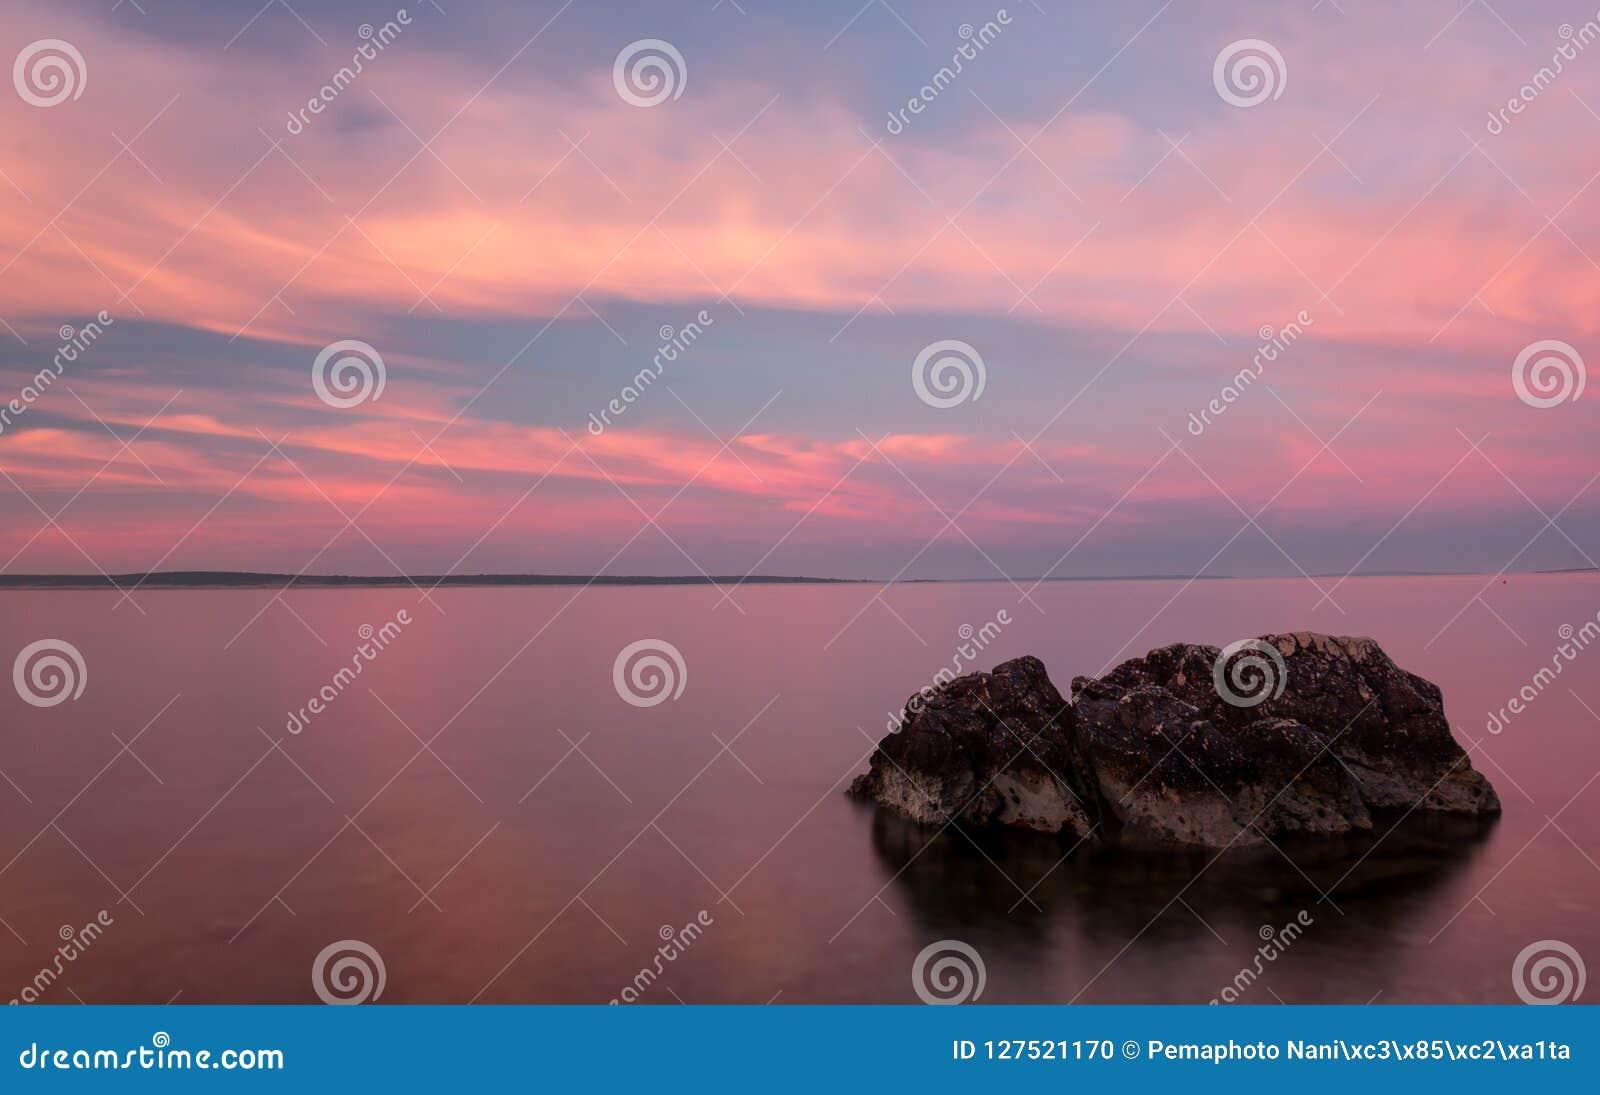 Het Strand van zonsopgangkroatië met Pastelkleur en Rots in Voorgrond